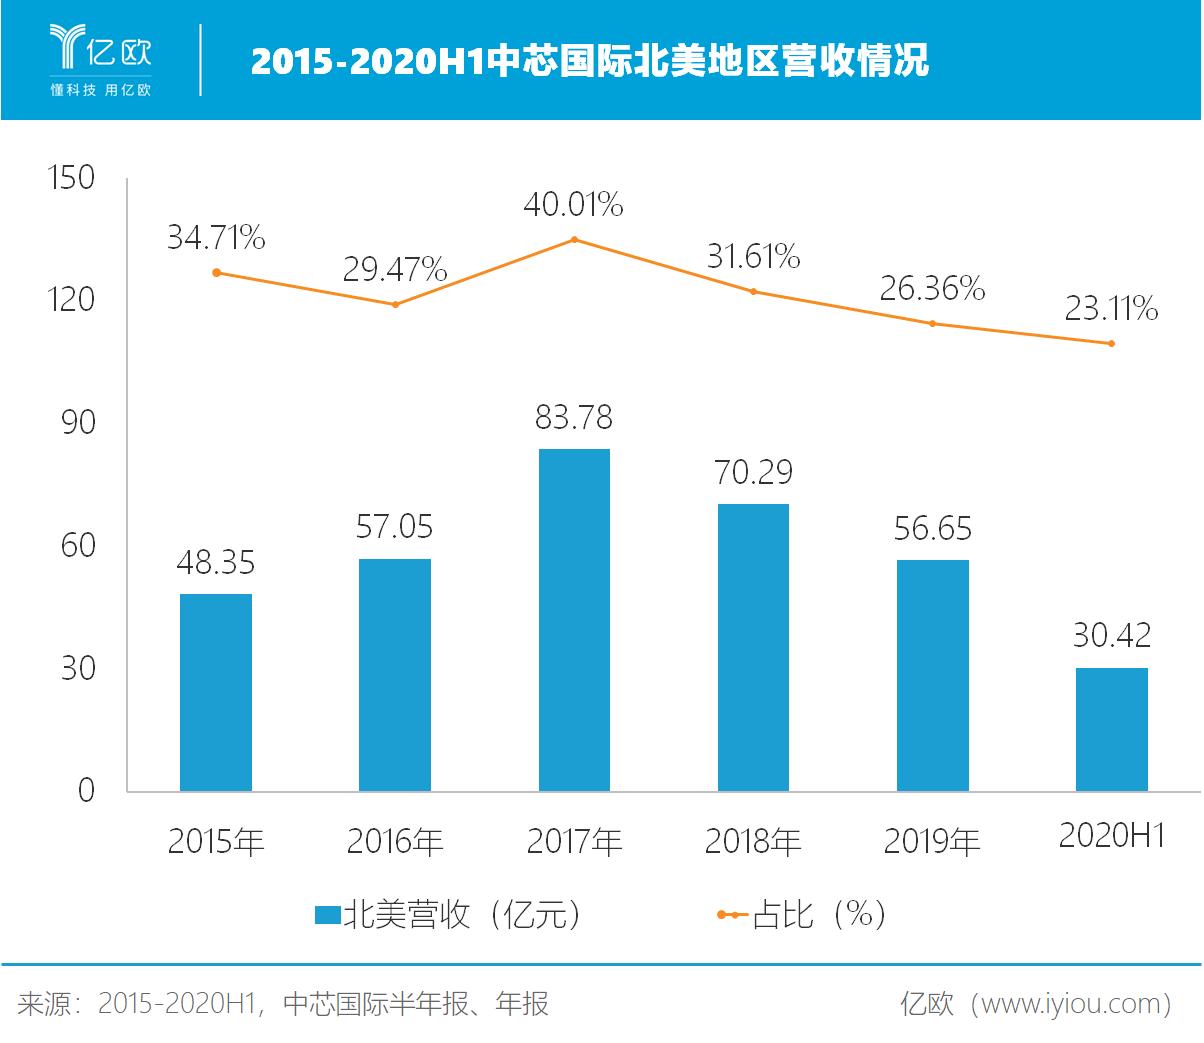 中芯国际:2020H1业绩与股价表现背离,一个原因两个关键点